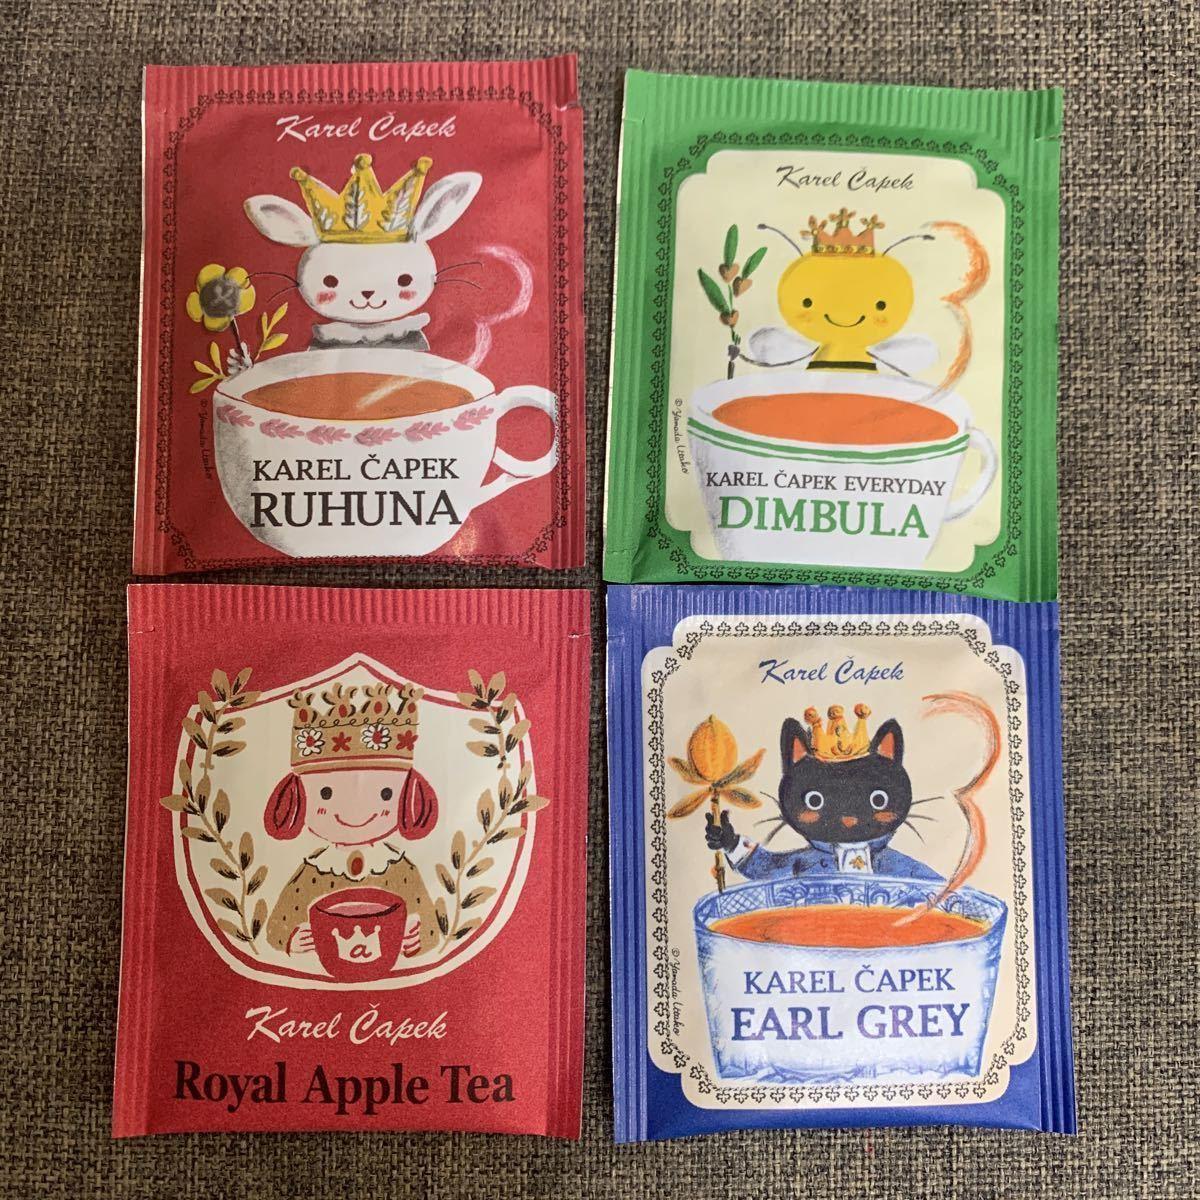 ルピシア 紅茶 緑茶 茶葉 リーフ カレルチャペック ティーバッグ ティーパック いろいろ お試し フレーバードティー ハーブティー 計13点